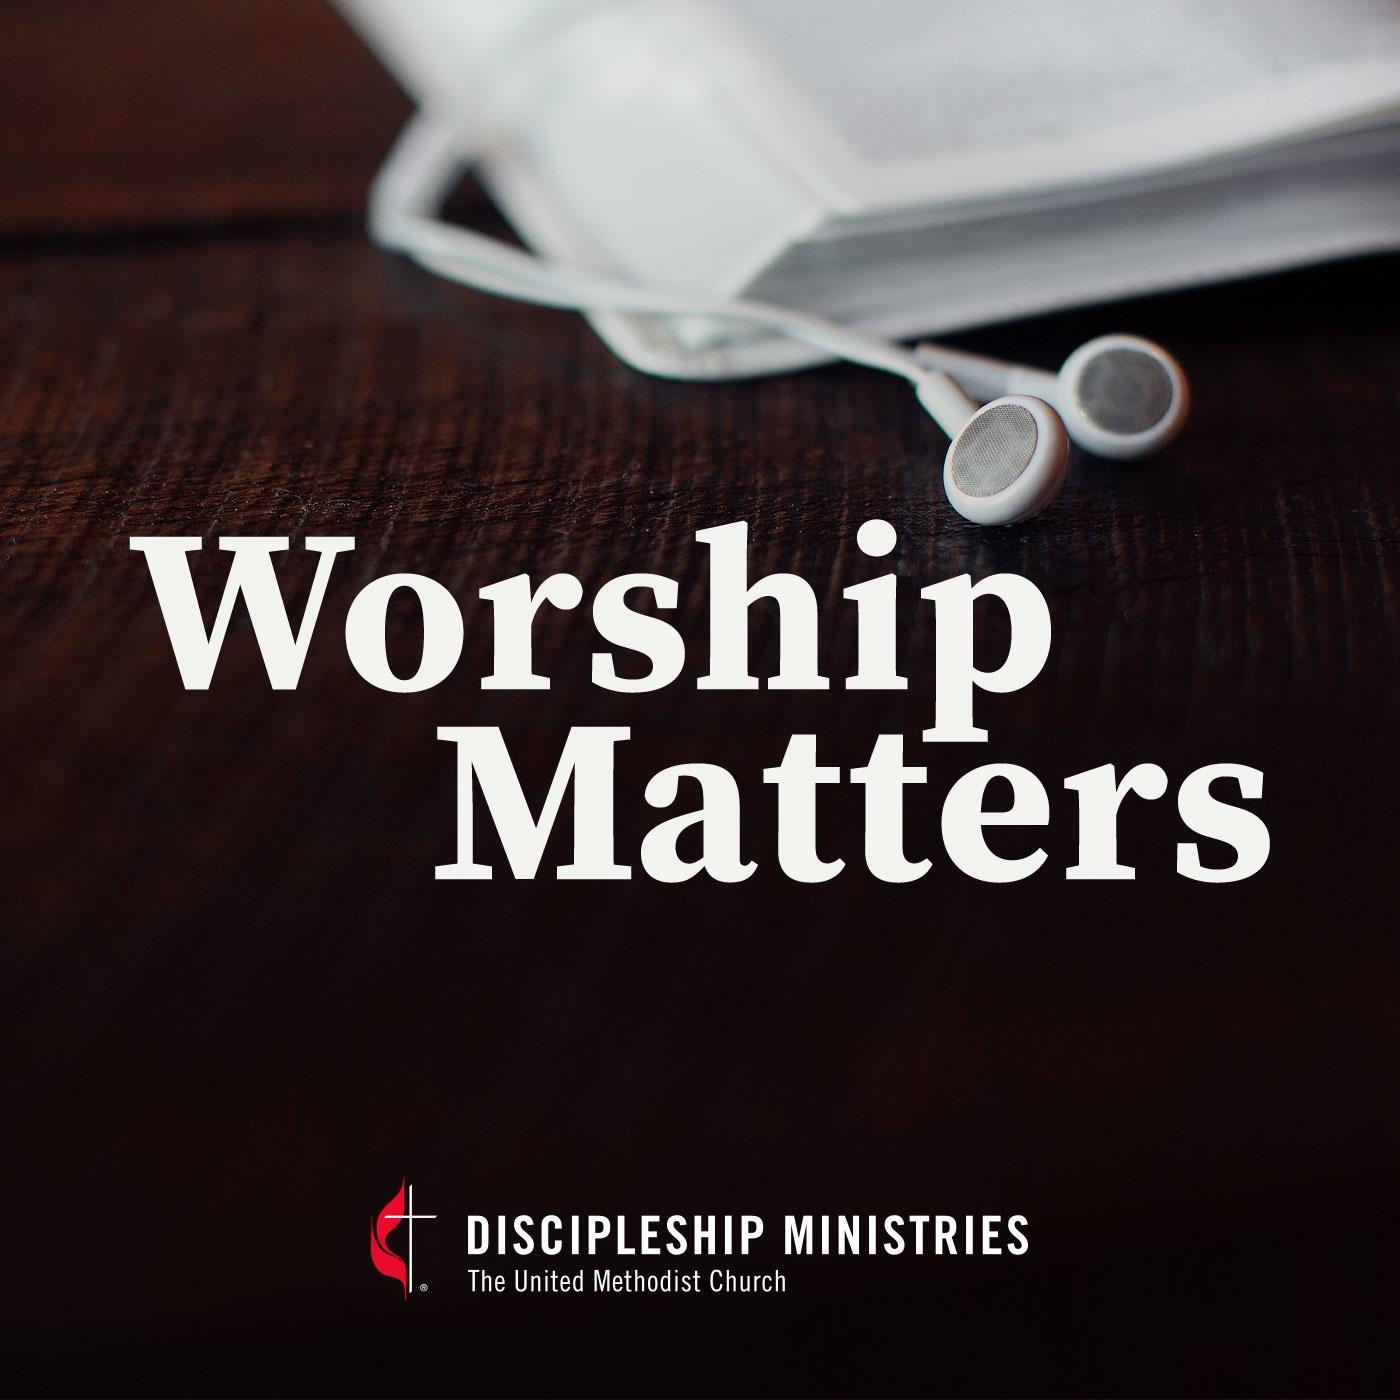 Discipleship Ministries | Worship Matters: Episode 01 - Epiphany  Umc Discipleship Lectionary 2020